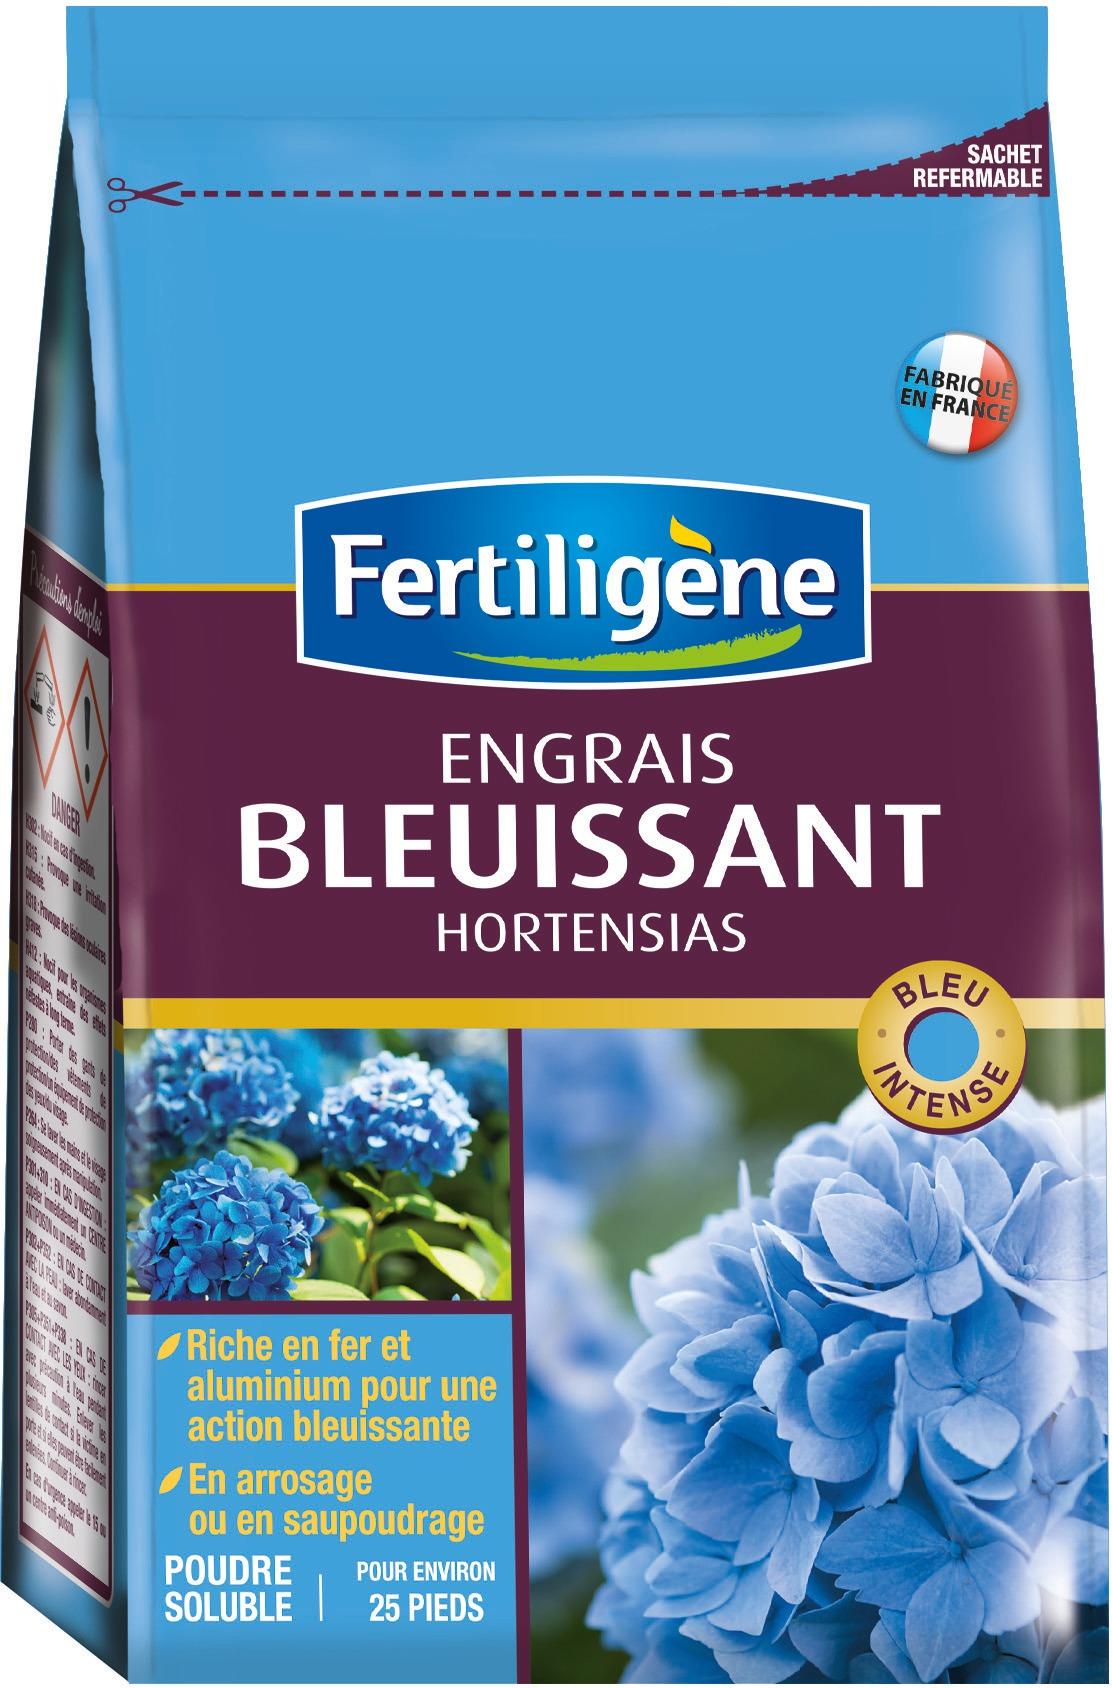 Engrais bleuissant hortensias Fertiligène - Boîte 800 g